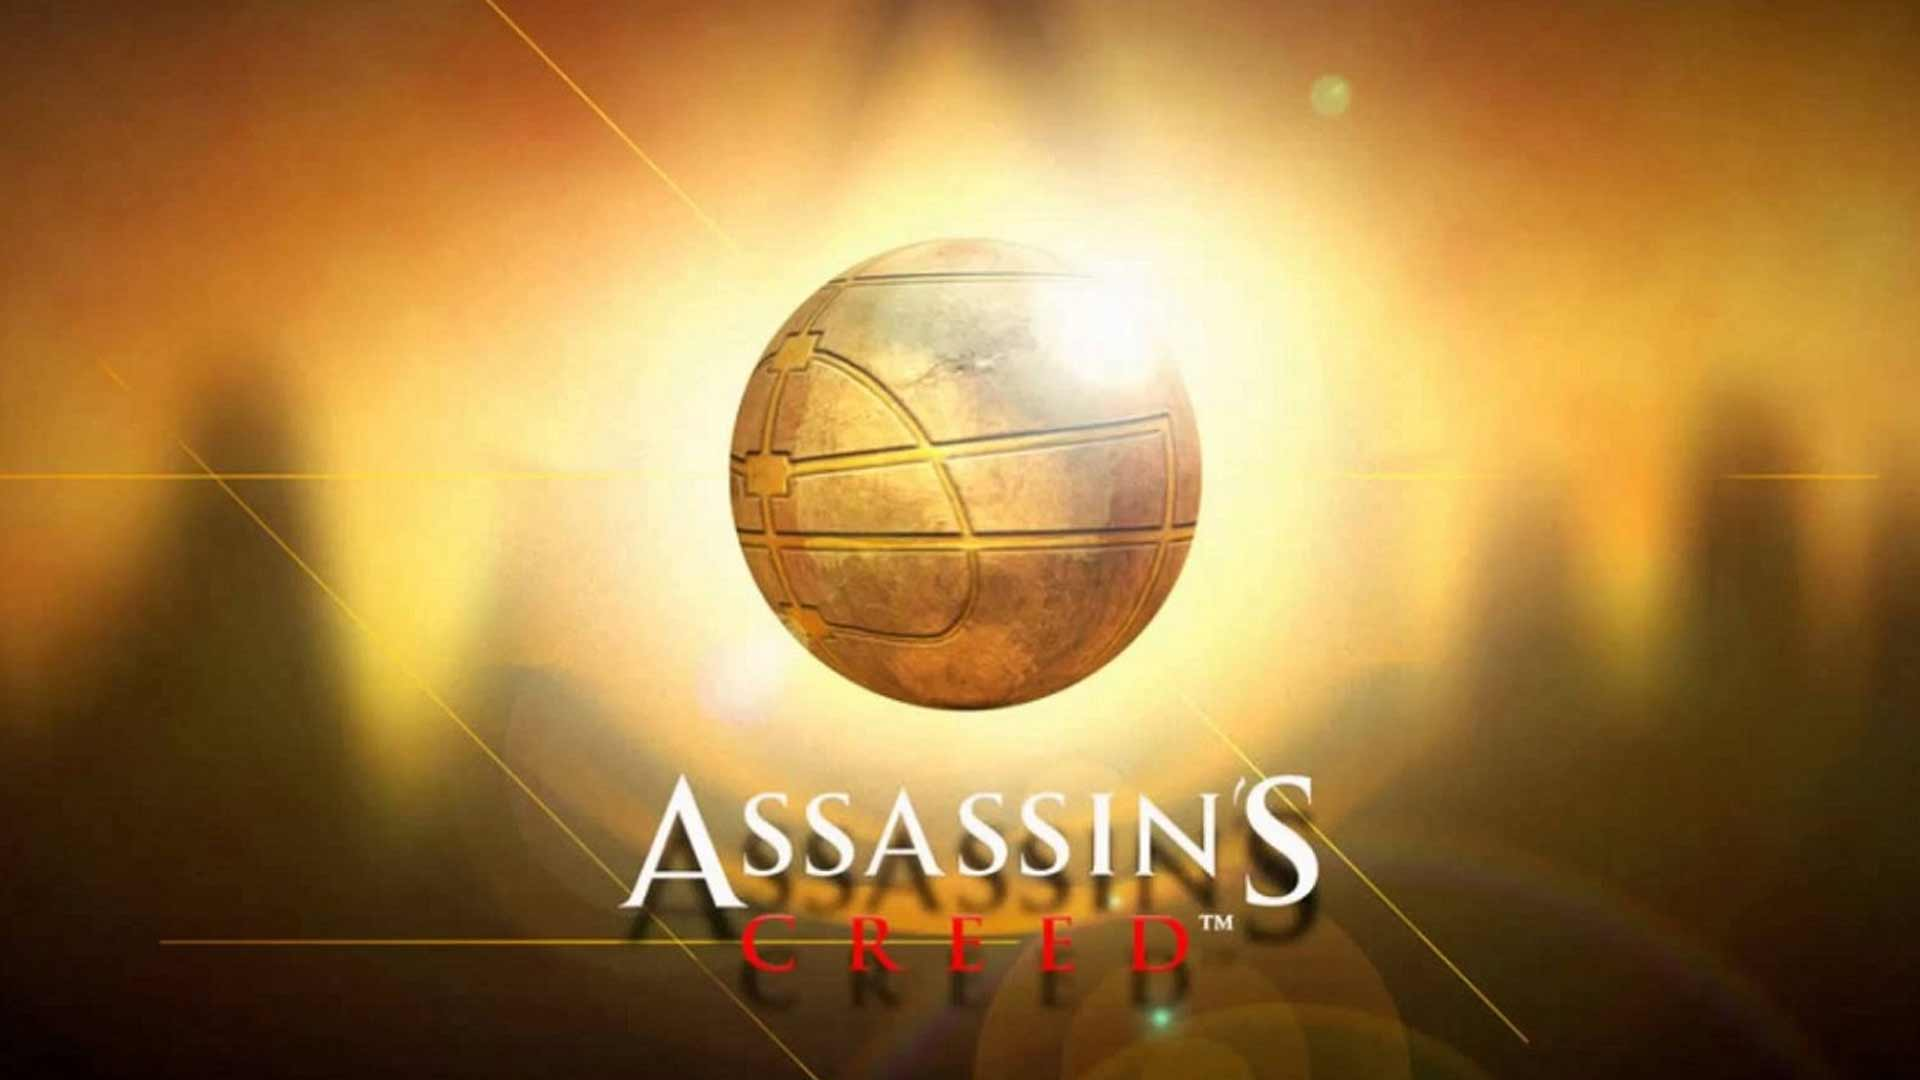 Assassin's Creed: Братство - В поисках яблока